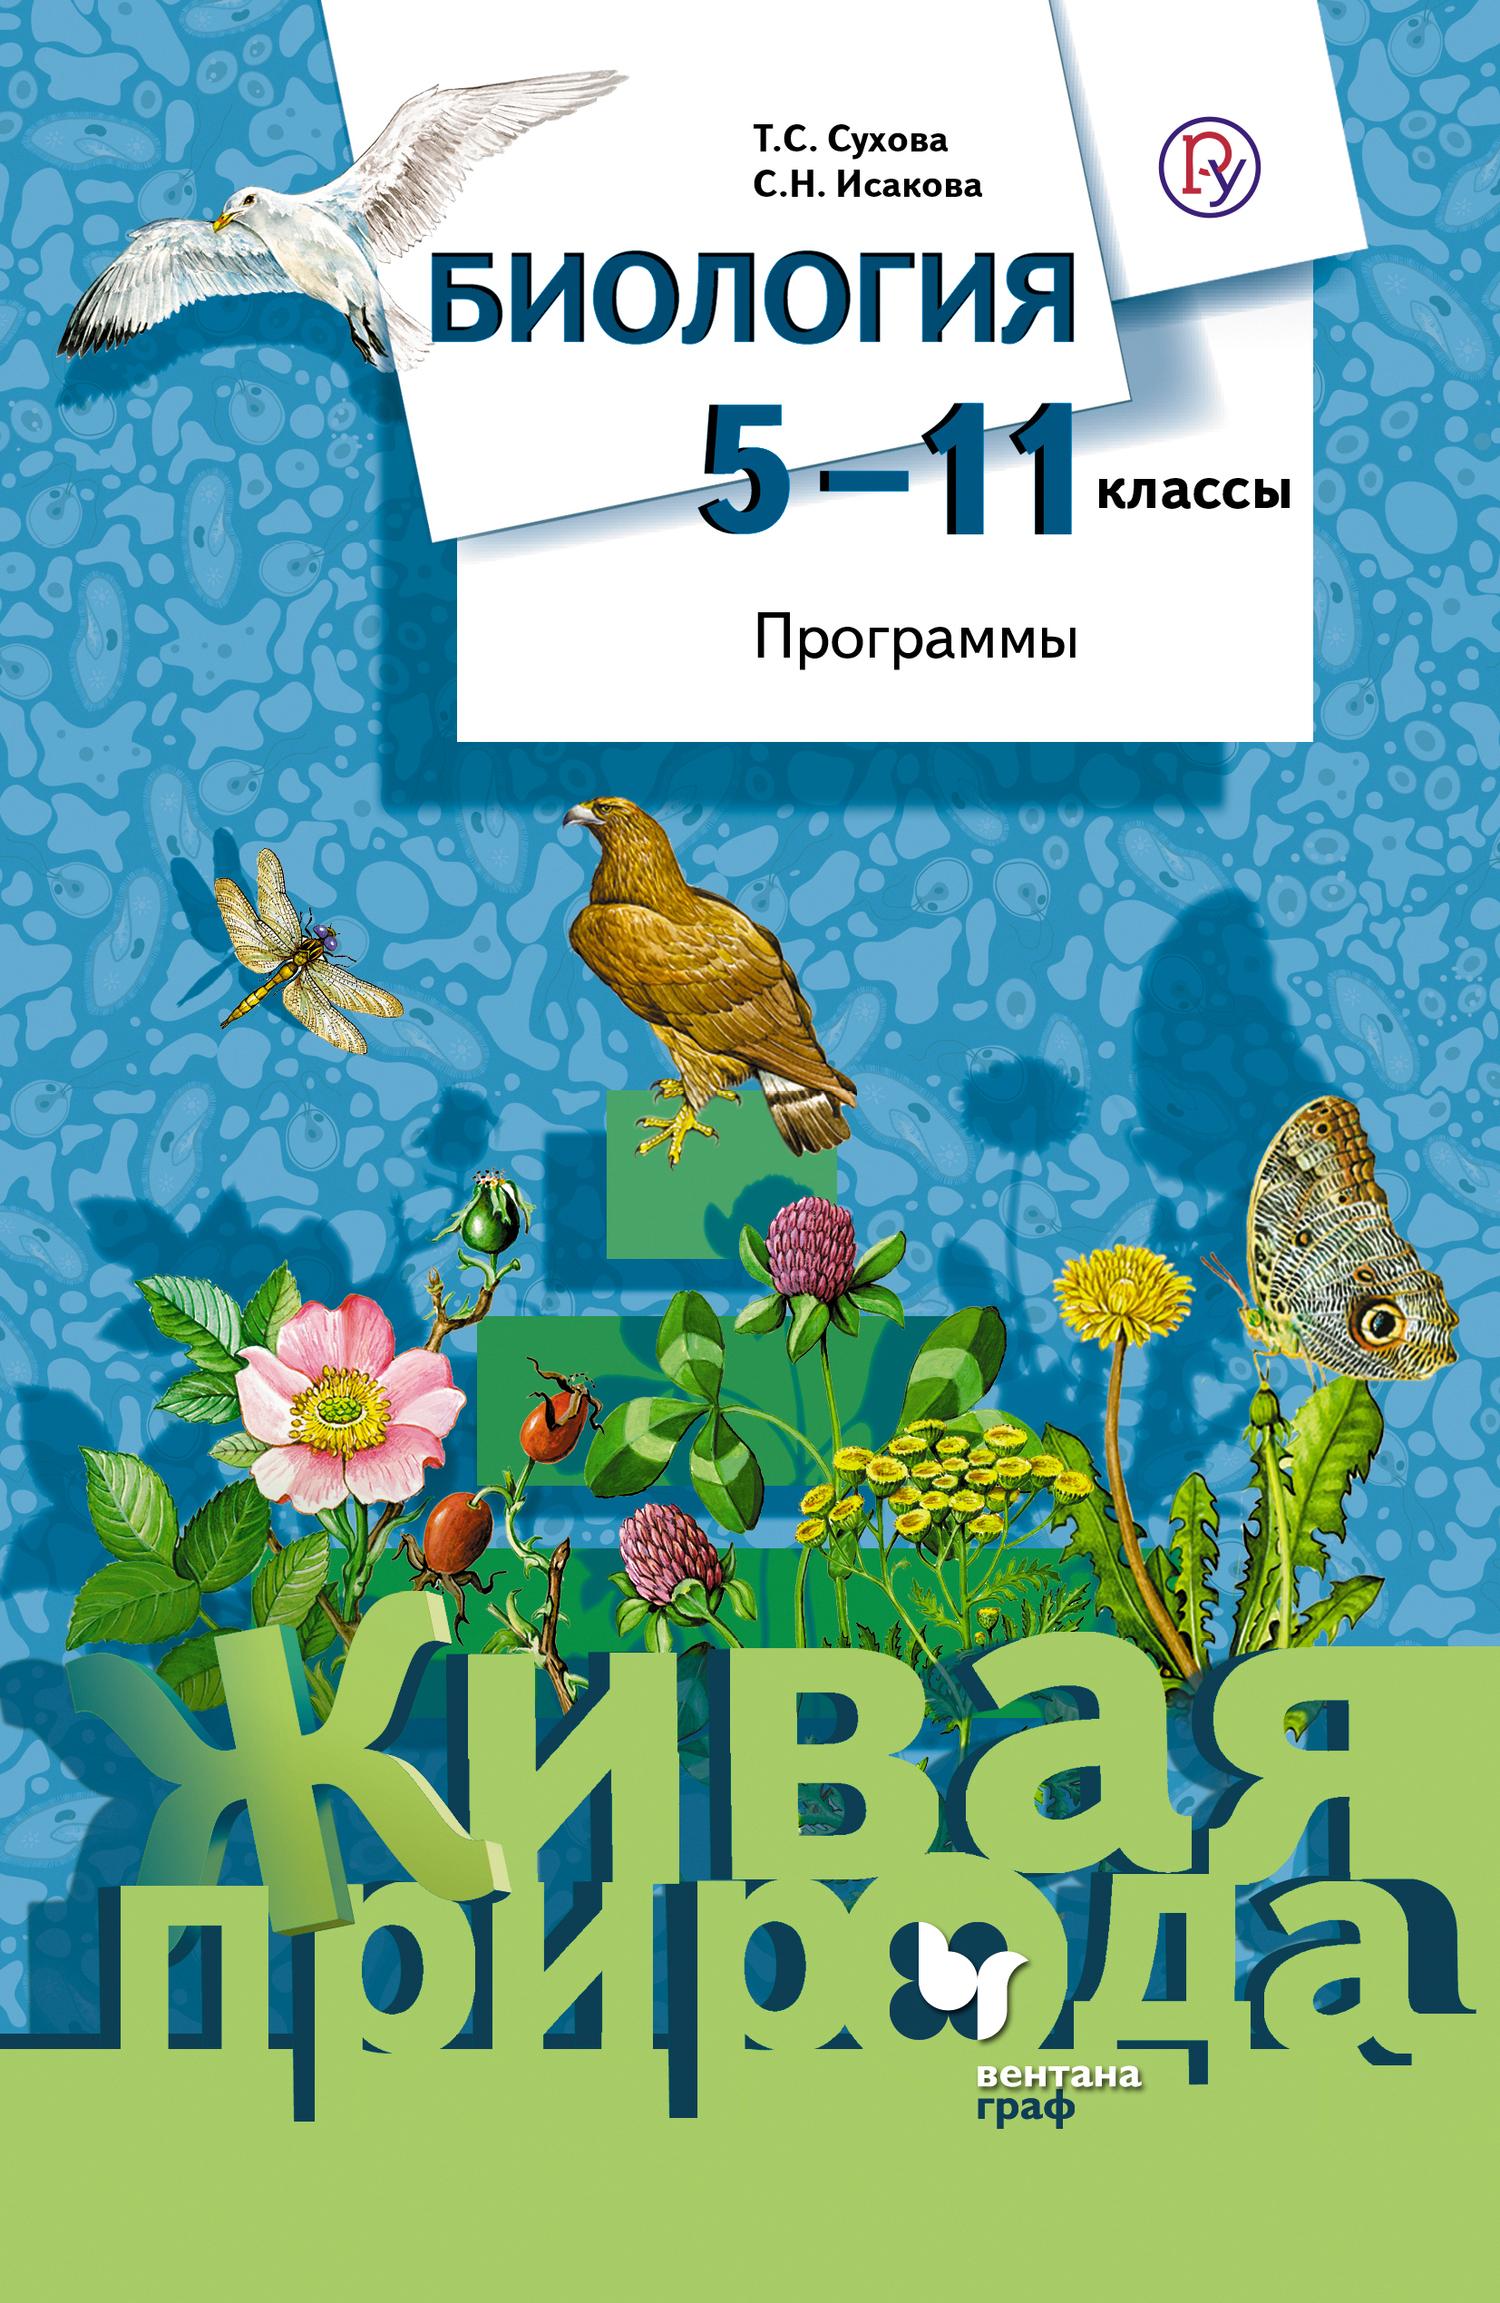 С. Н. Исакова Биология. 5–11 классы. Программы все цены